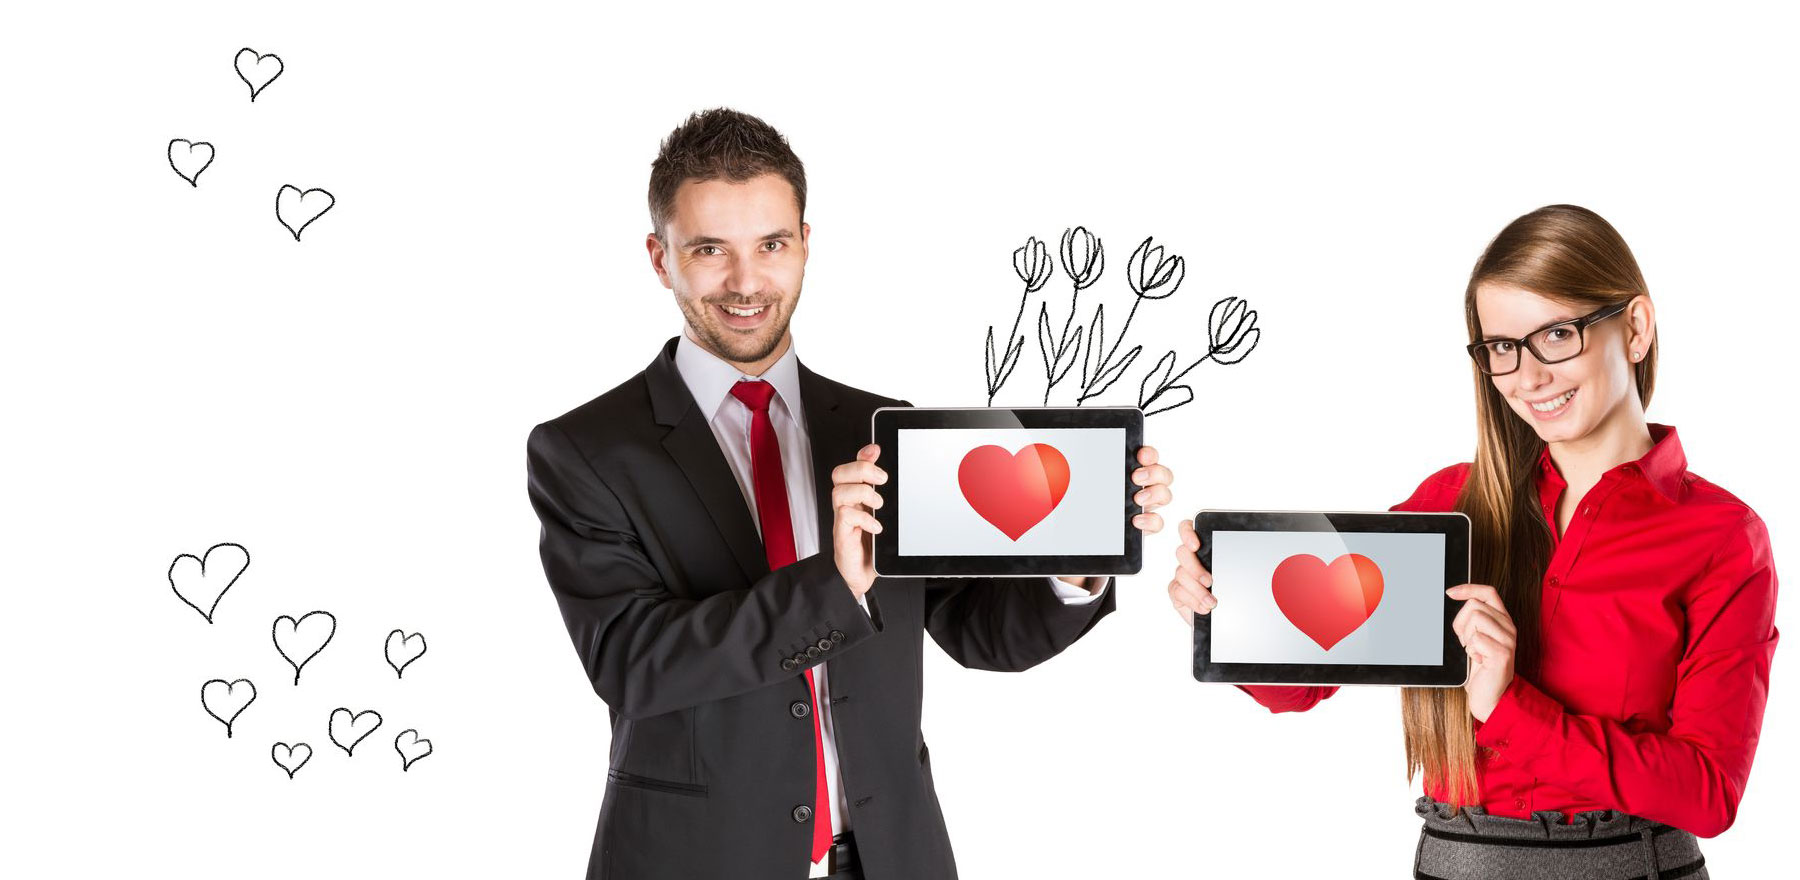 Társkereső oldal üzleti partnerek számára